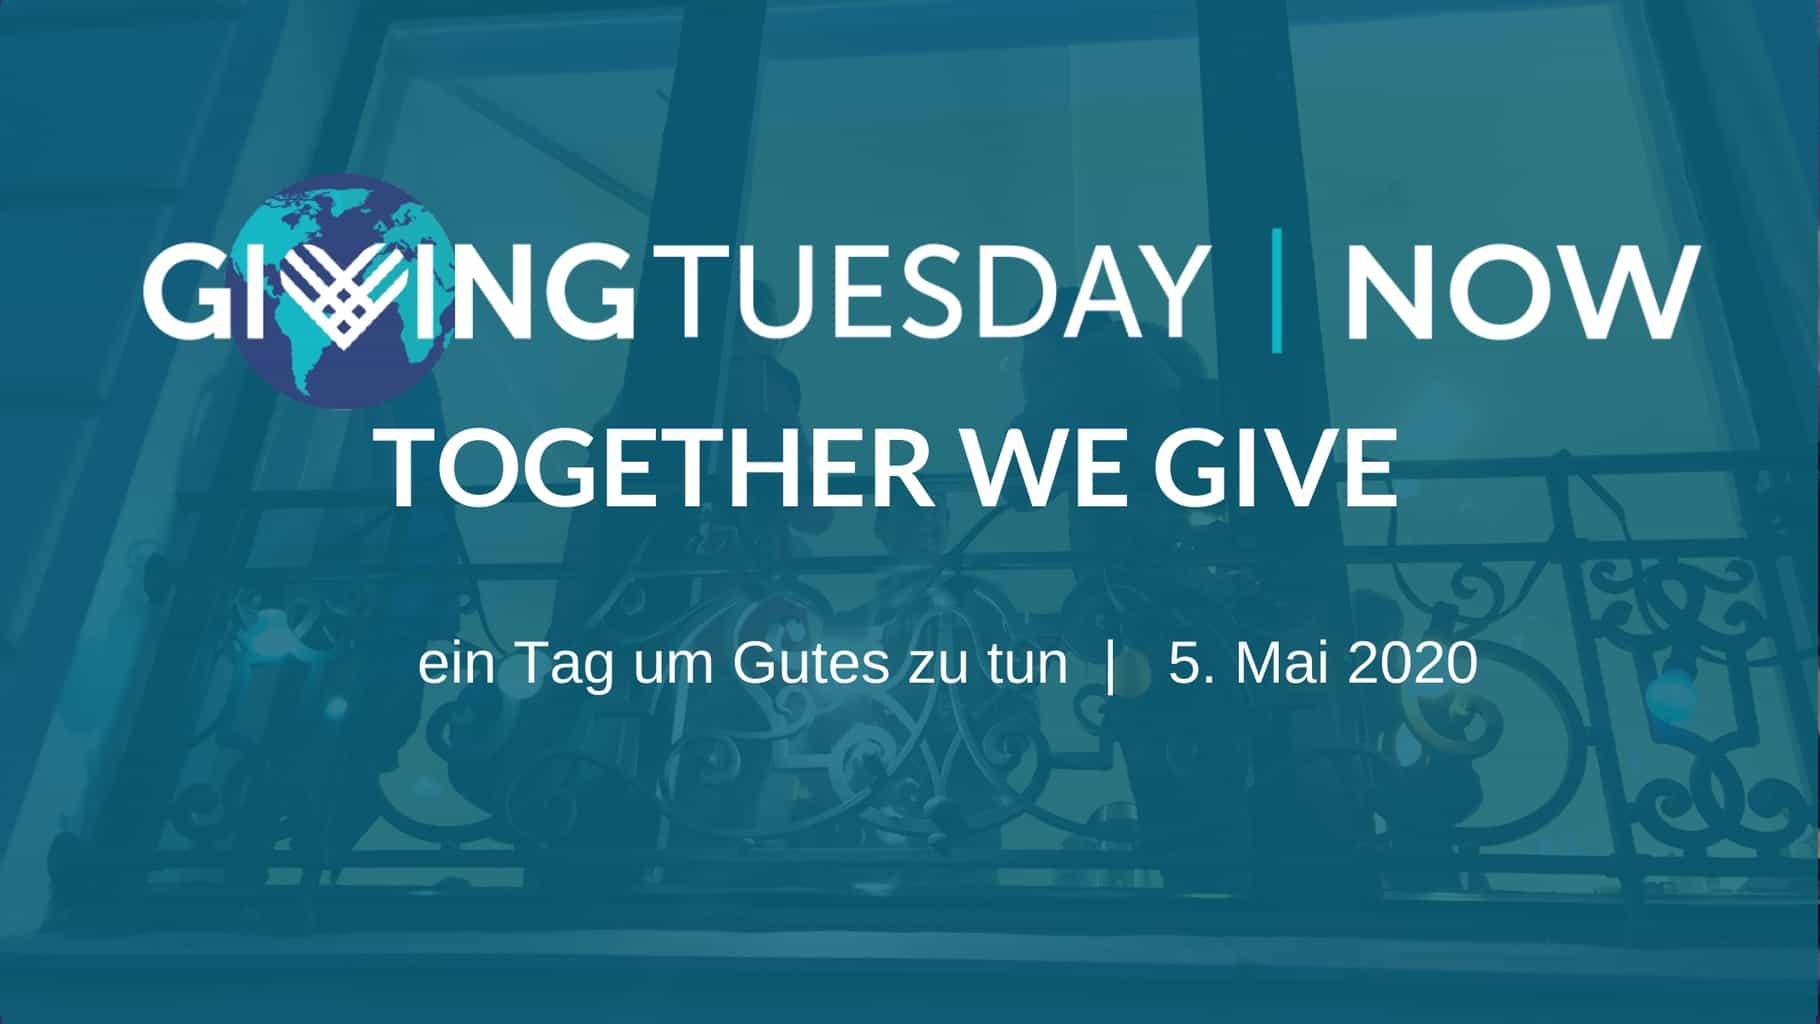 #GivingTuesdayNow – ein Tag um Gutes zu tun